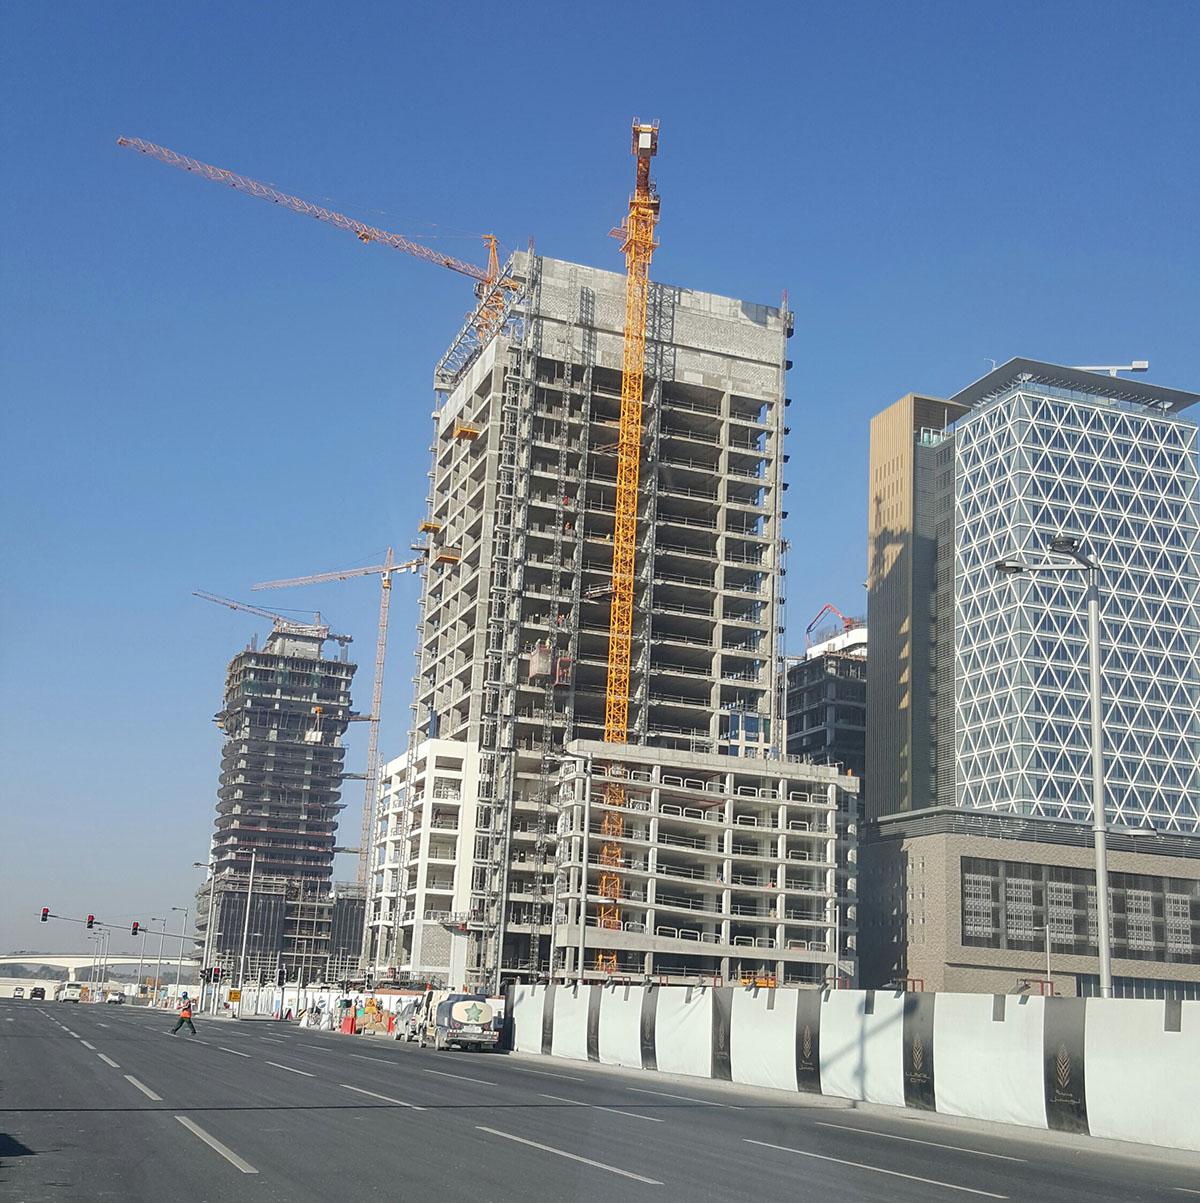 Sistema masa - proyecto de fachada ventilada en Qatar